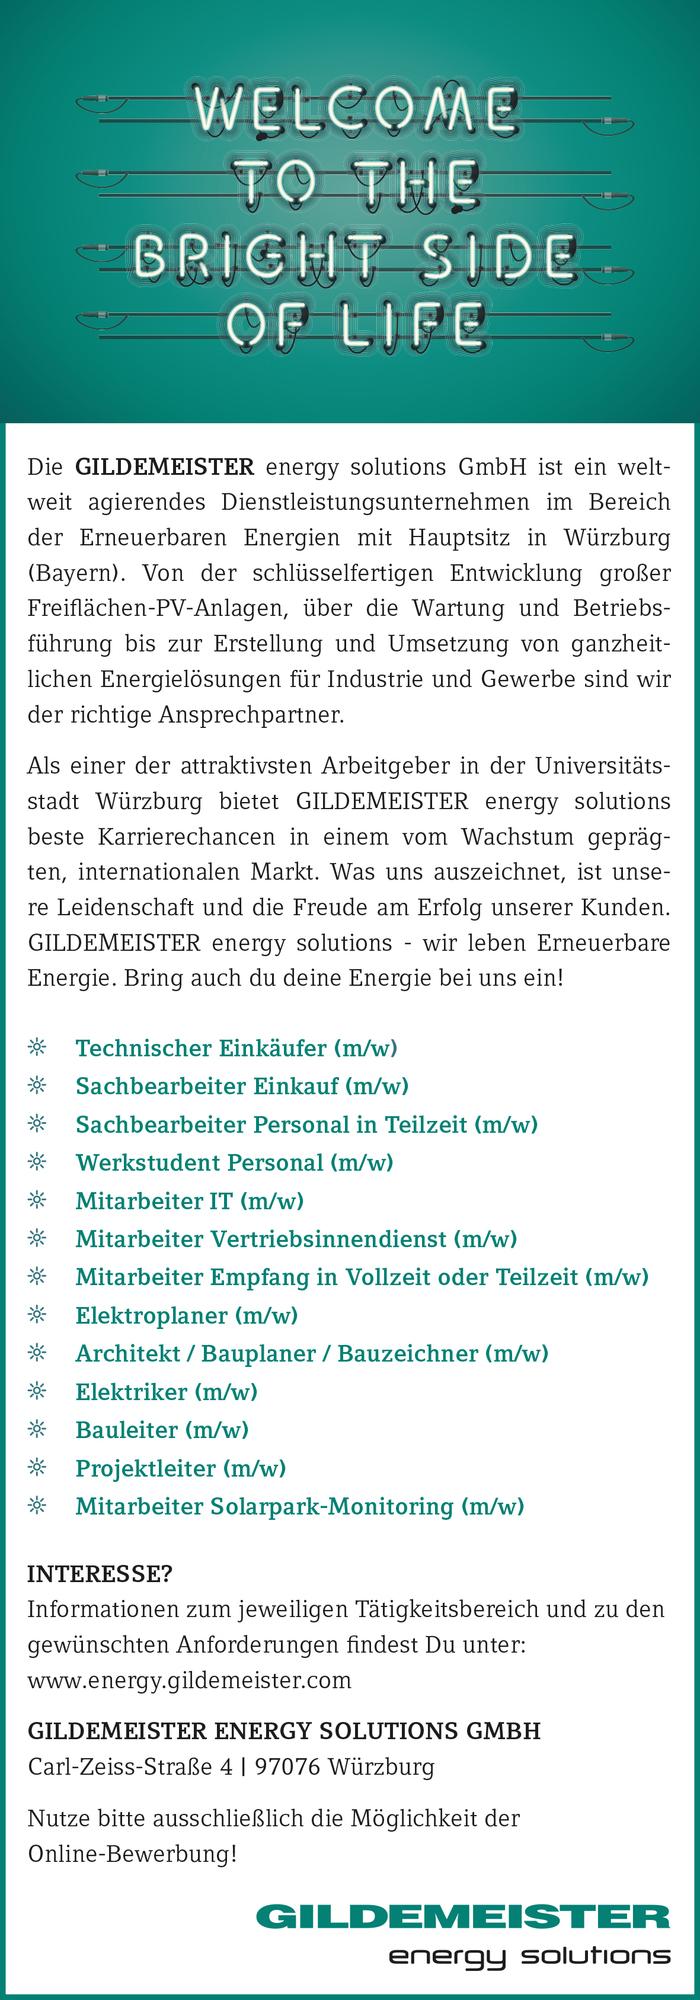 Die GILDEMEISTER energy solutions GmbH ist ein weltweit agierendes Dienstleistungsunternehmen im Bereich der Erneuerbaren Energien mit Hauptsitz in Würzburg (Bayern). Von der schlüsselfertigen Entwick